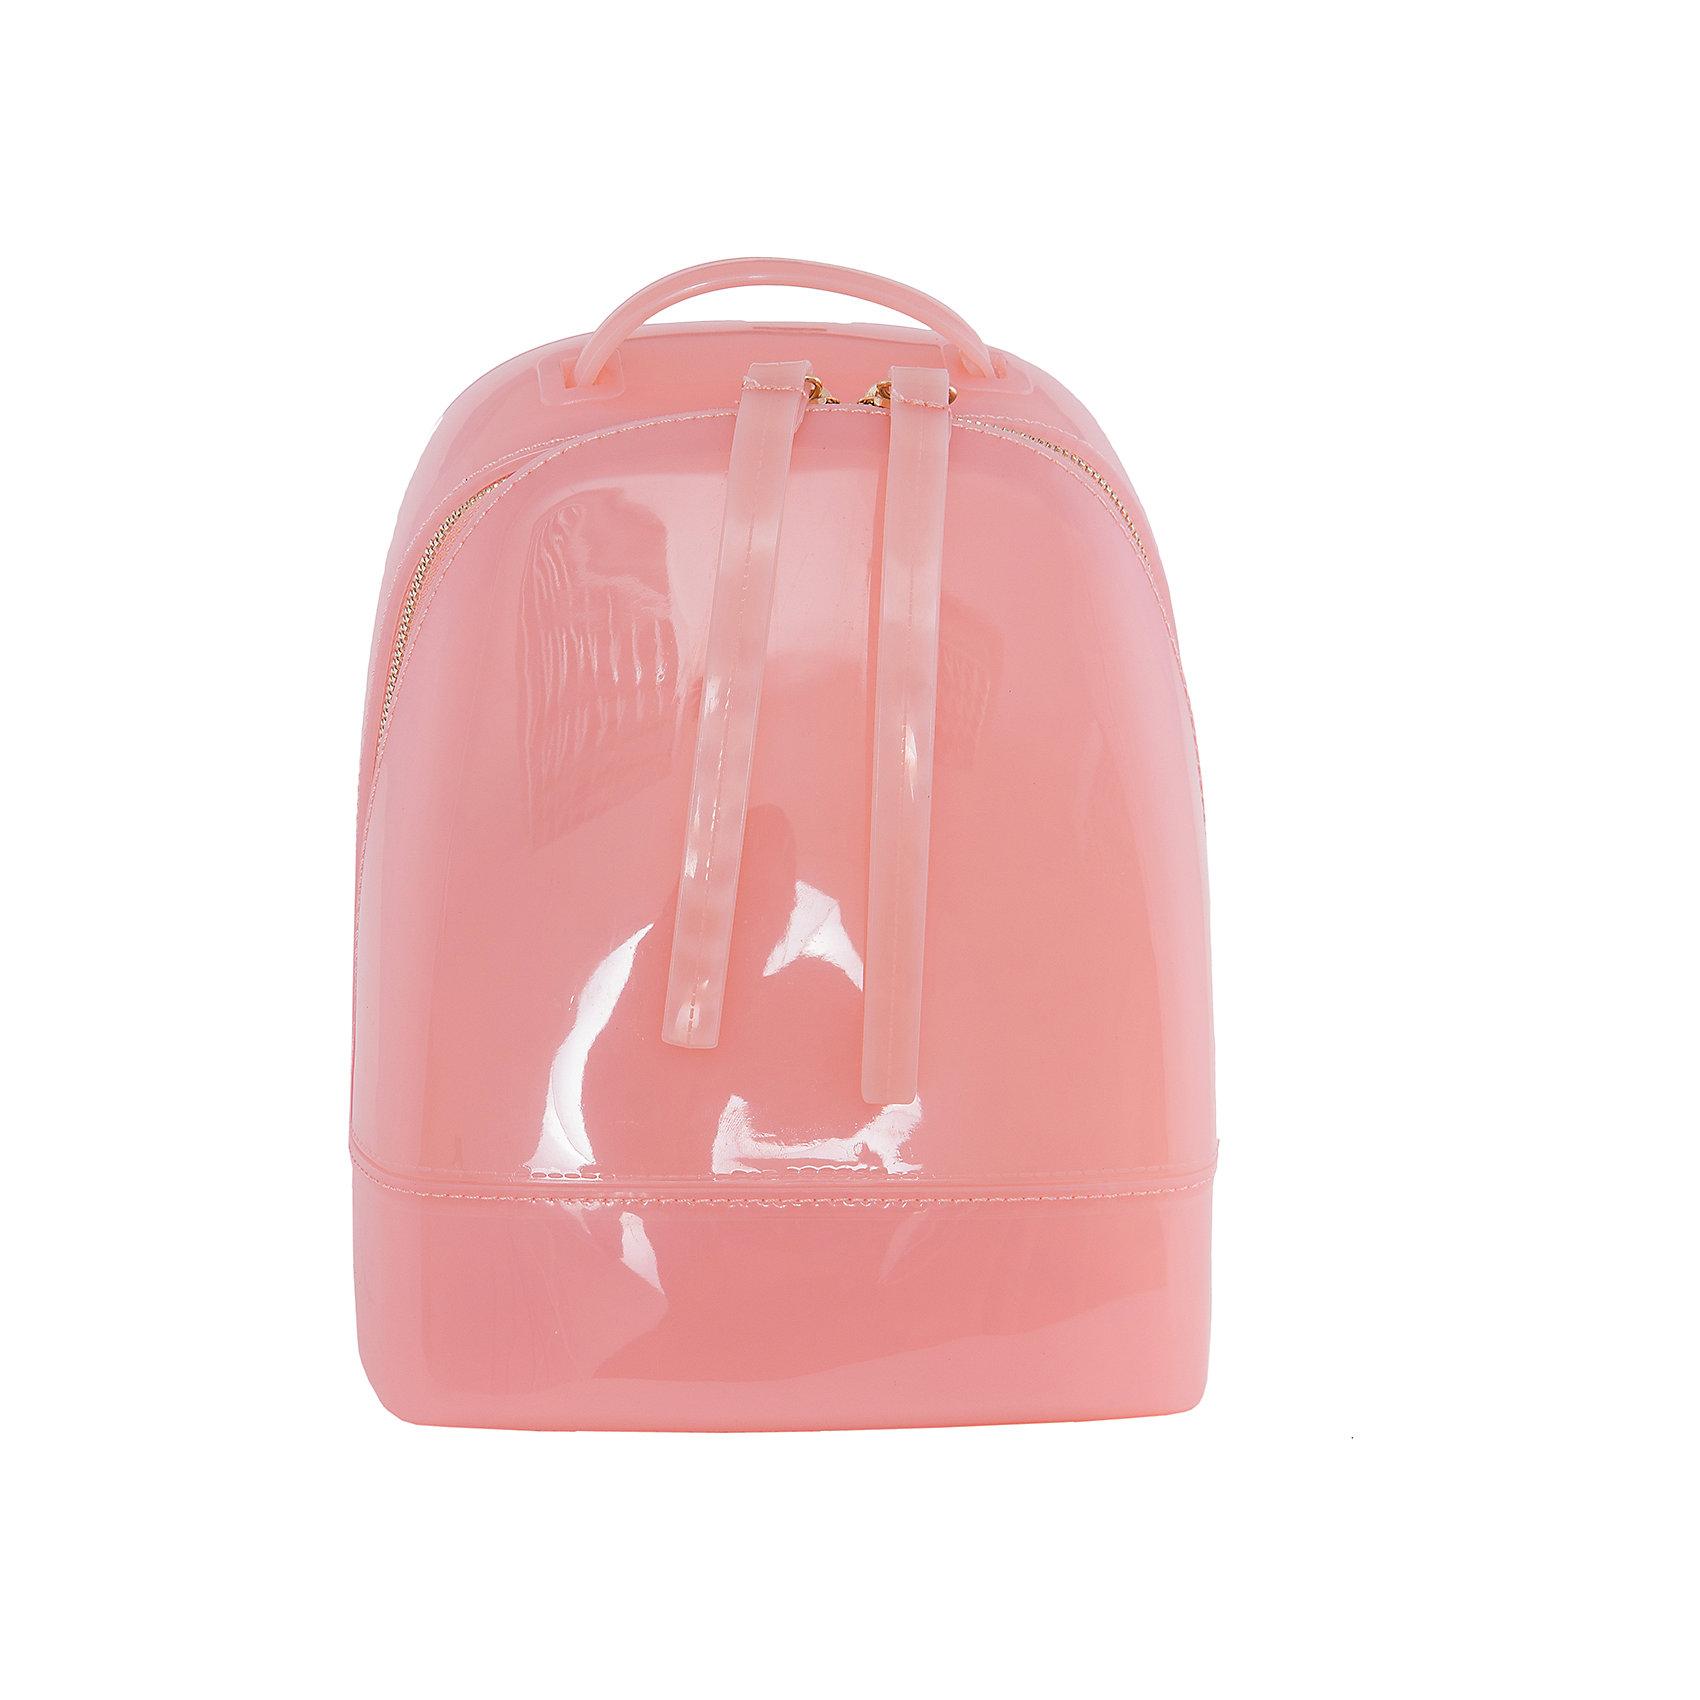 Рюкзак VITACCIАксессуары<br>Характеристики:<br><br>• Тип сумки: рюкзак<br>• Пол: для девочки<br>• Цвет: розовый<br>• Сезон: круглый год<br>• Тематика рисунка: без рисунка<br>• Тип застежки: молния<br>• Лямки регулируются по длине<br>• Одно отделение с дополнительными кармашками<br>• Предусмотрена ручка-петля<br>• Материал: верх – силикон<br>• Габариты: ширина днища – 18 см, высота – 22,5 см, глубина – 11 см<br>• Вес: 760 г<br>• Особенности ухода: влажная чистка, сухая чистка<br><br>Рюкзак VITACCI от лидера российско-итальянского предприятия, которое специализируется на выпуске высококачественной обуви и аксессуаров как для взрослых, так и для детей. Детские сумки этого торгового бренда изготавливаются с учетом анатомических особенностей детей и имеют эргономичную форму. Форма и дизайн сумок разрабатывается итальянскими ведущими дизайнерами и отражает новейшие тенденции в мире моды. Особенность этого торгового бренда заключается в эксклюзивном сочетании материалов разных фактур и декорирование изделий стильными аксессуарами. <br><br>Рюкзак VITACCI изготовлен из экологически безопасной искусственной кожи с силиконовым покрытием. Имеет одно просторное отделение с маленькими кармашками: один с замочком на молнии, второй – для сотового телефона или смартфона. Лямки регулируются по длине. Рюкзак выполнен в стильном розовом цвете, декорирован фурнитурой золотистого цвета и декоративными двойными строчками.<br>Рюкзак VITACCI – это стильный аксессуар, который создаст неповторимый образ вашей девочки! <br><br>Рюкзак VITACCI можно купить в нашем интернет-магазине.<br><br>Ширина мм: 170<br>Глубина мм: 157<br>Высота мм: 67<br>Вес г: 117<br>Цвет: розовый<br>Возраст от месяцев: 36<br>Возраст до месяцев: 144<br>Пол: Женский<br>Возраст: Детский<br>Размер: one size<br>SKU: 5347497